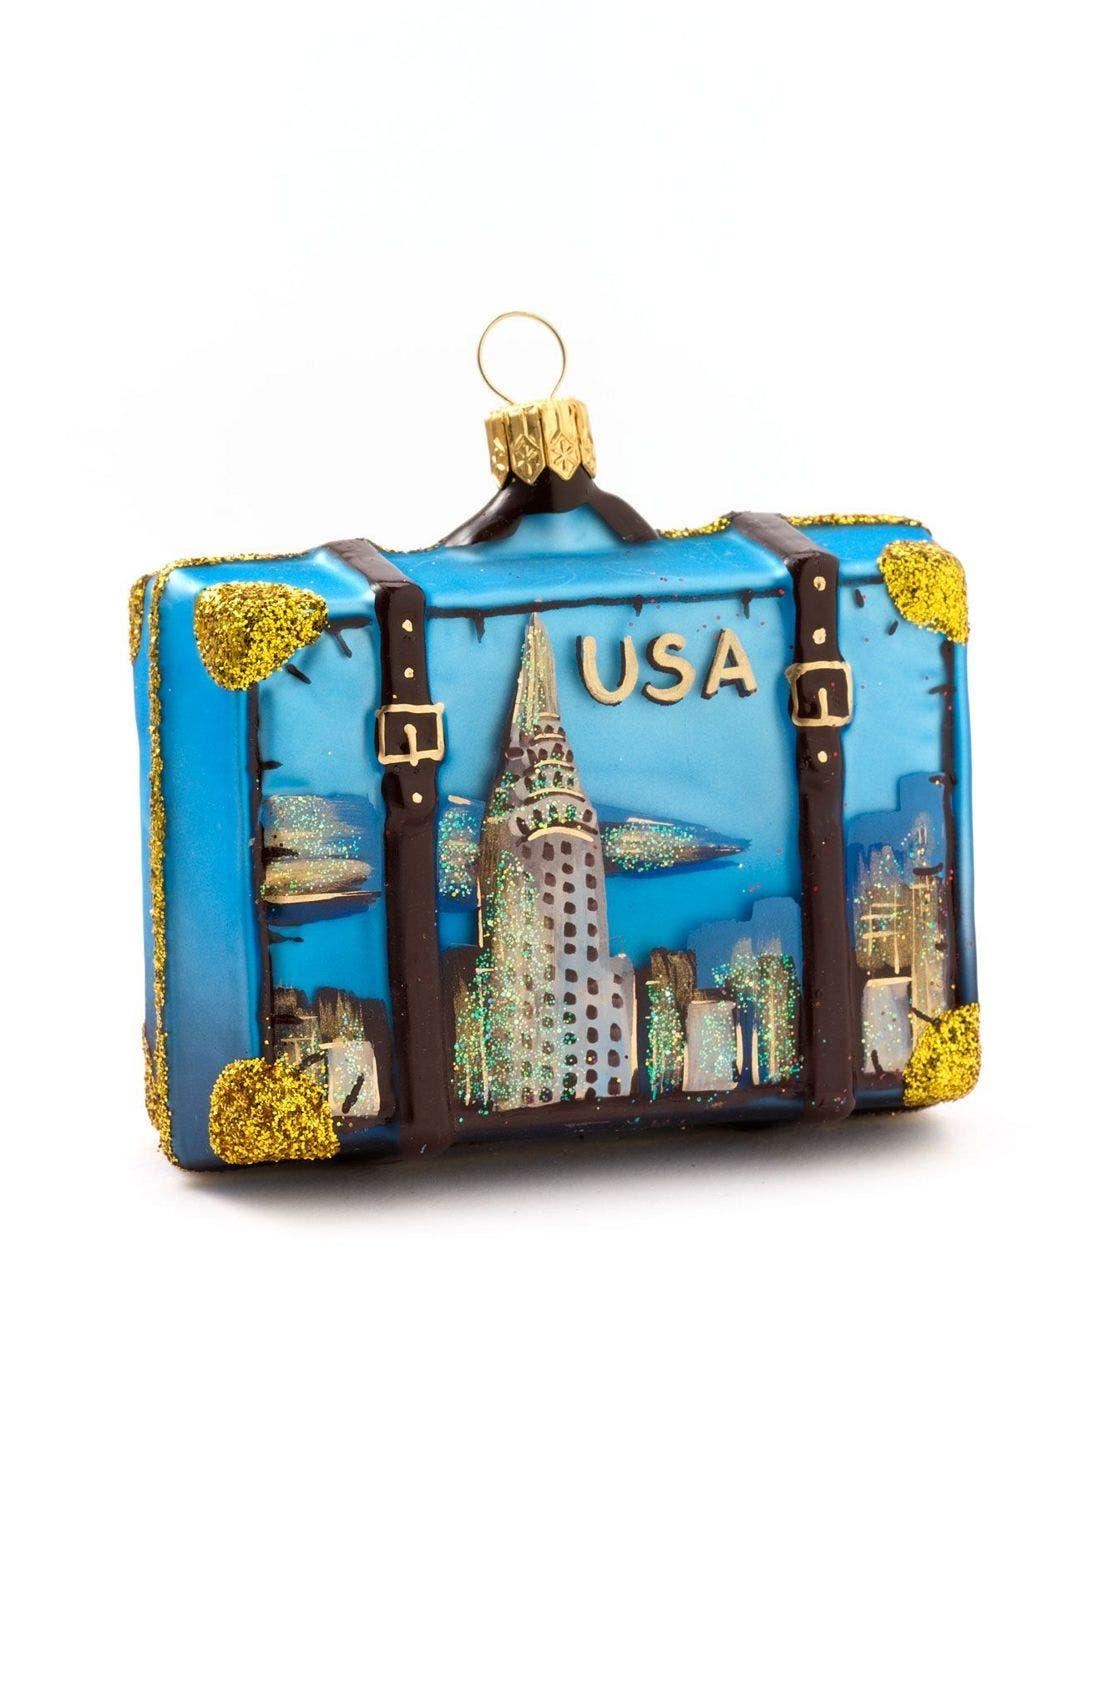 Nordstrom 'Washington D.C.' Glass Suitcase Ornament,                             Alternate thumbnail 2, color,                             960